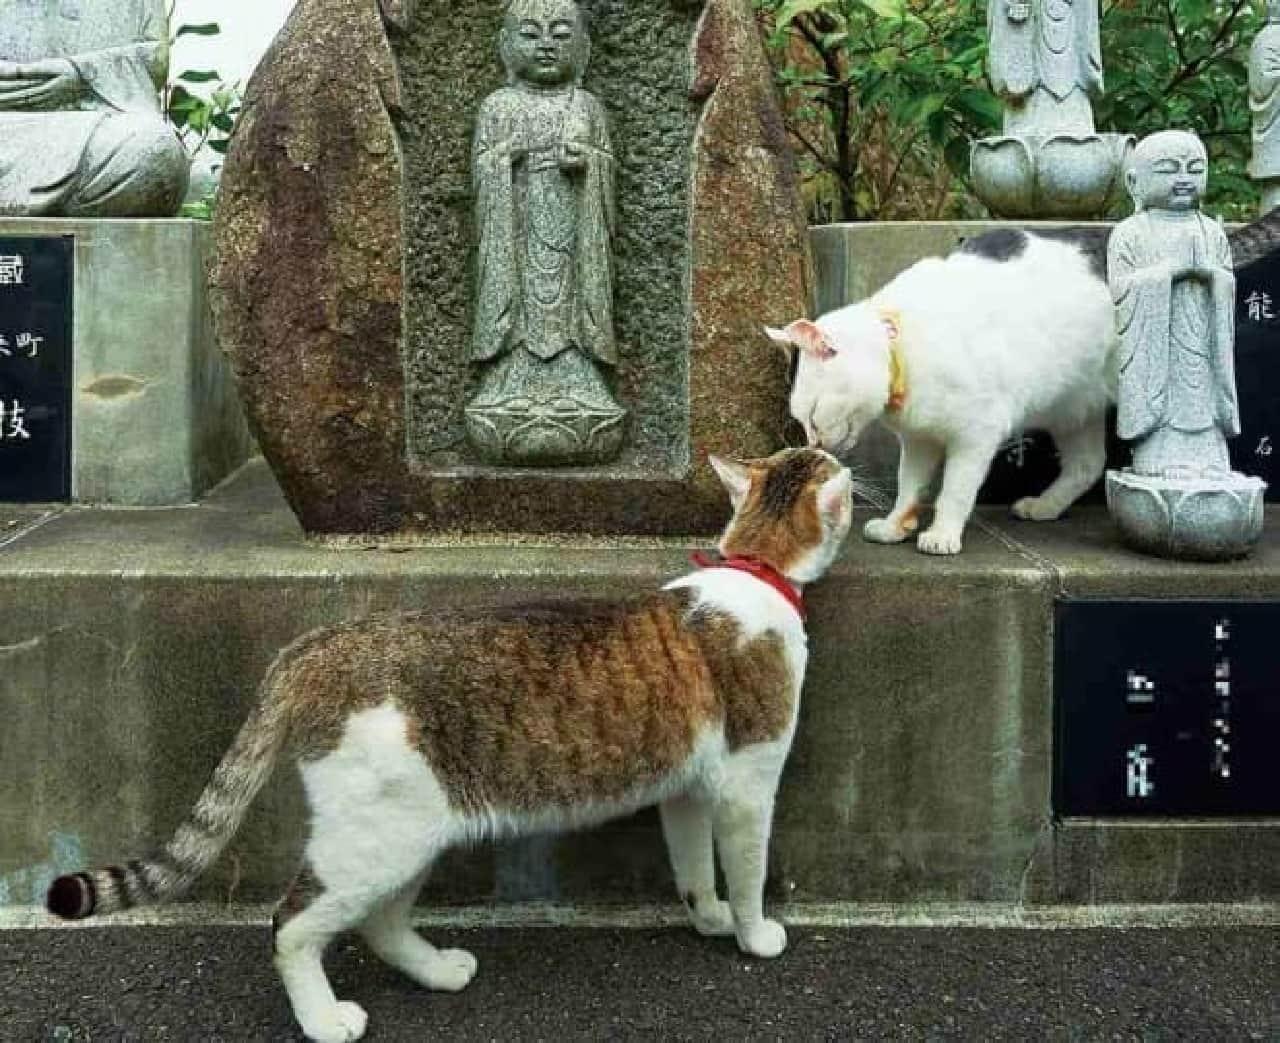 『寺ねこDAYS ねこはなやまニャい』の舞台となった「御誕生寺(ごたんじょうじ)」